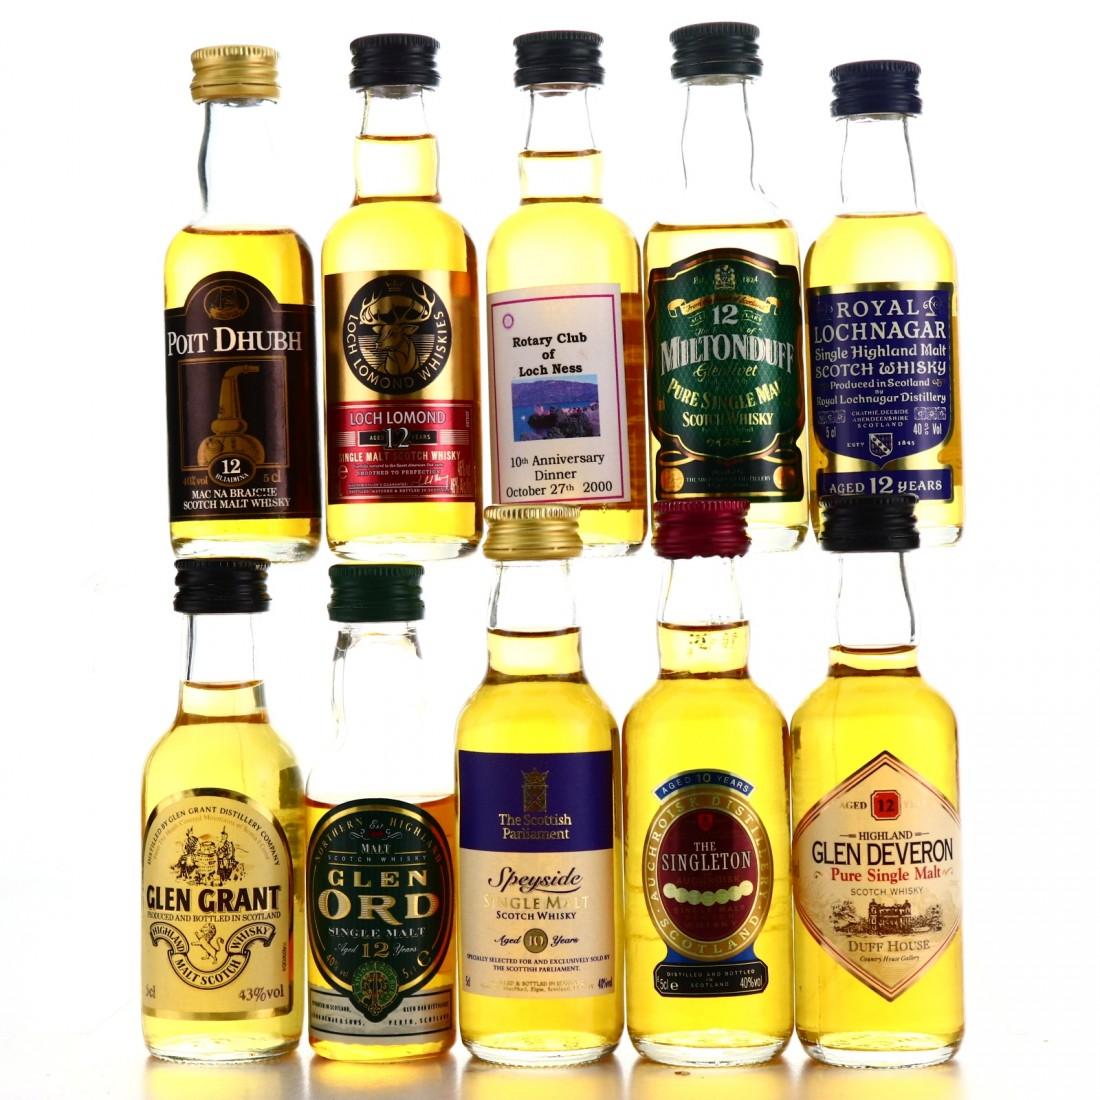 Highland & Speyside Miniatures x 10 / includes Royal Lochnagar